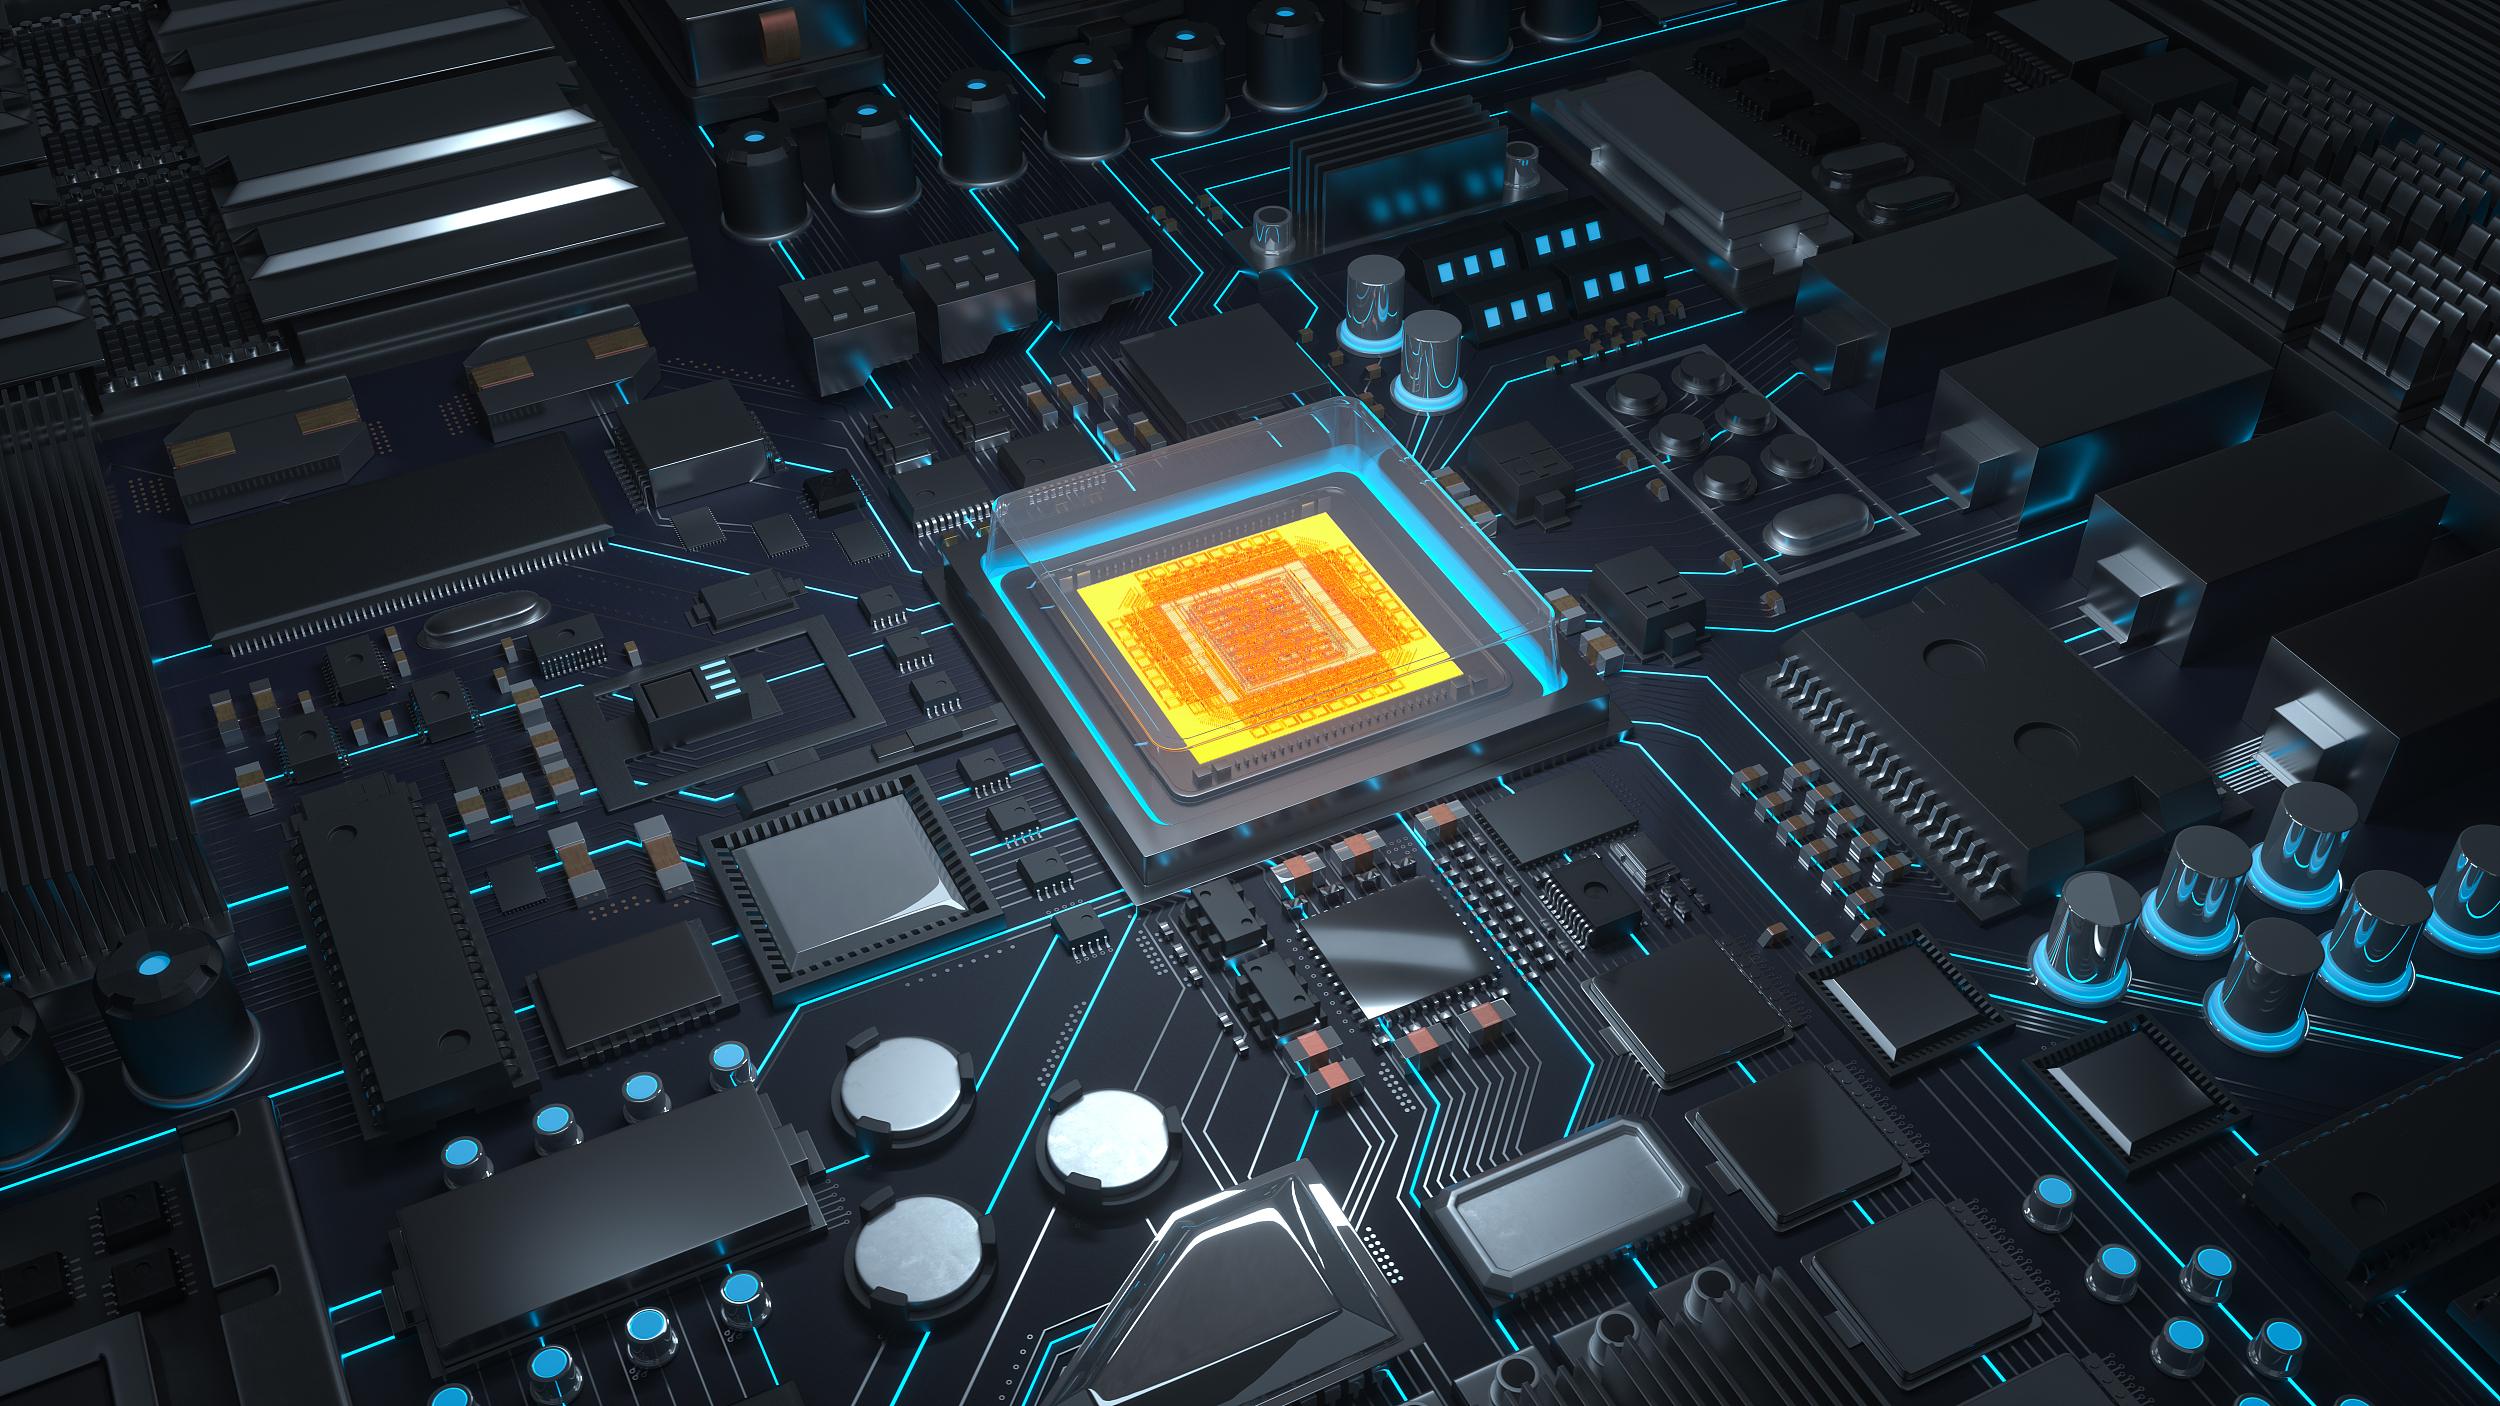 芯片 新能源车和光伏都缺货 IGBT产能究竟如何